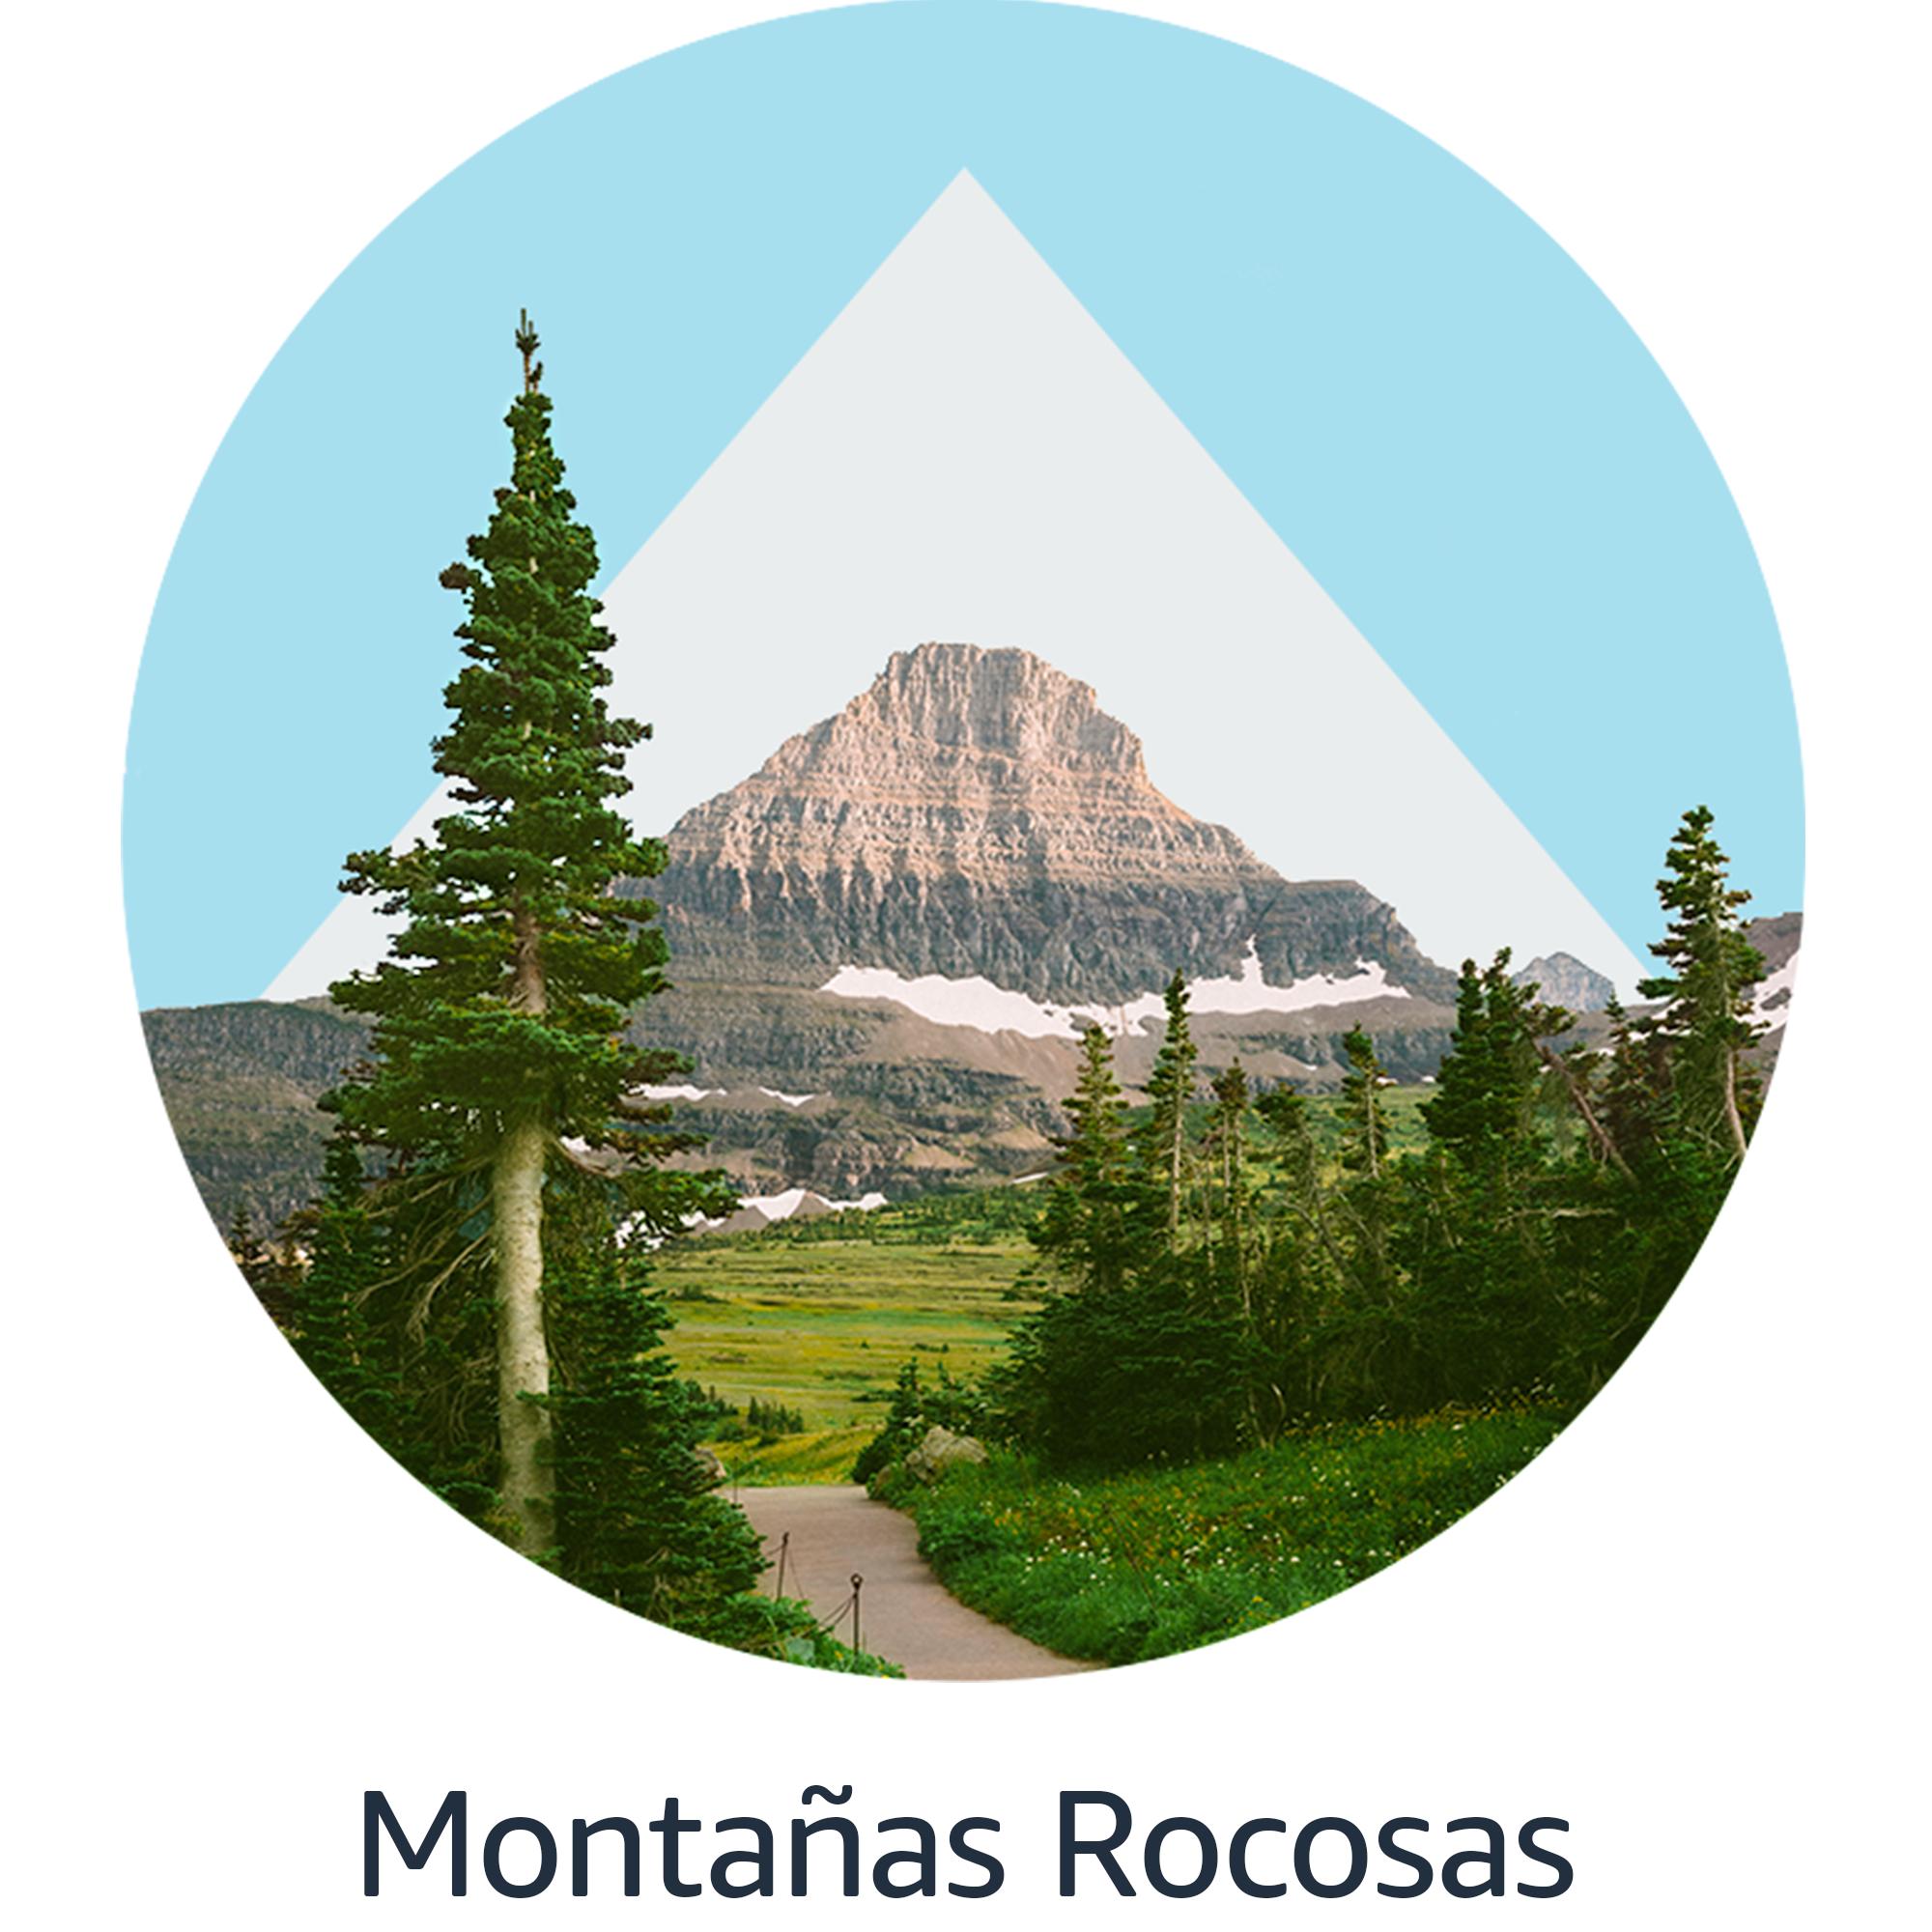 Montanas Rocosas